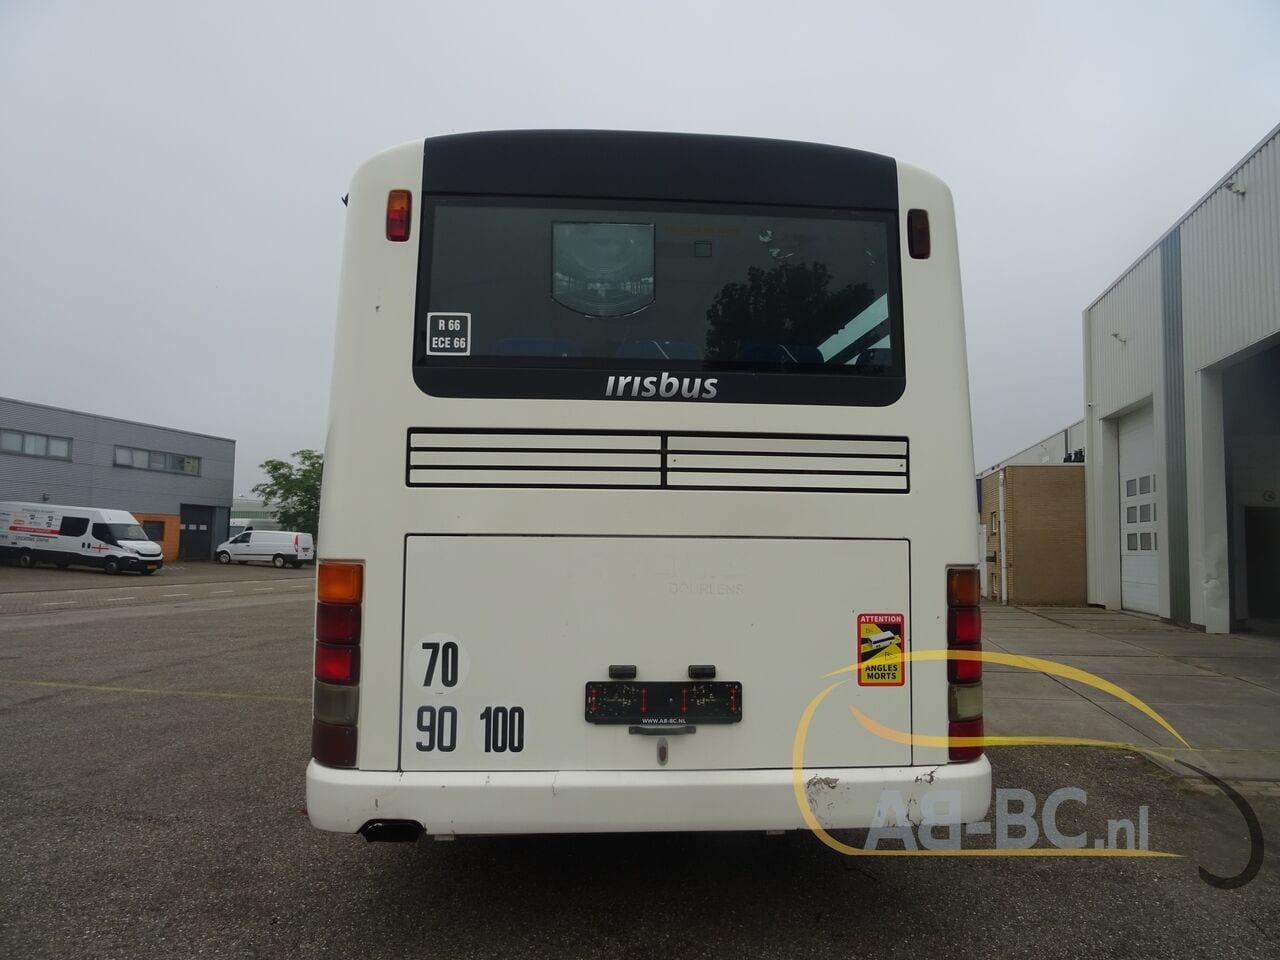 interurban-busIVECO-Irisbus-Recreo-64-Seats---1626159950527179732_big_07b1ced73d2b22ce5fa40b542f879f2f--21071309575983154500